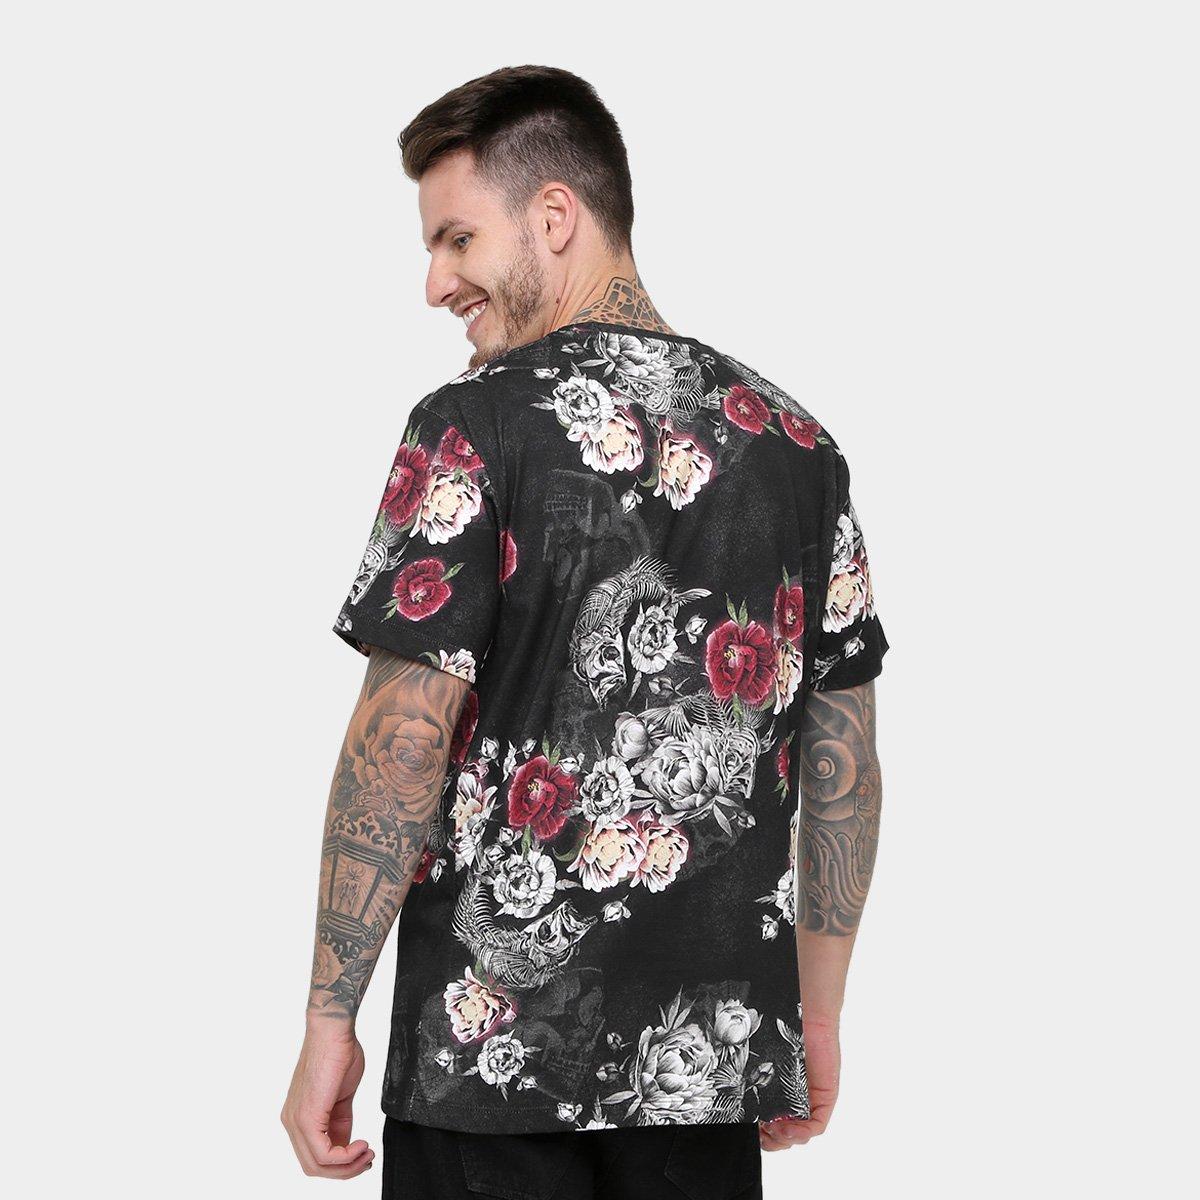 Camiseta MCD Especial Flower Fish IV Masculina - Compre Agora  03b39465c2b